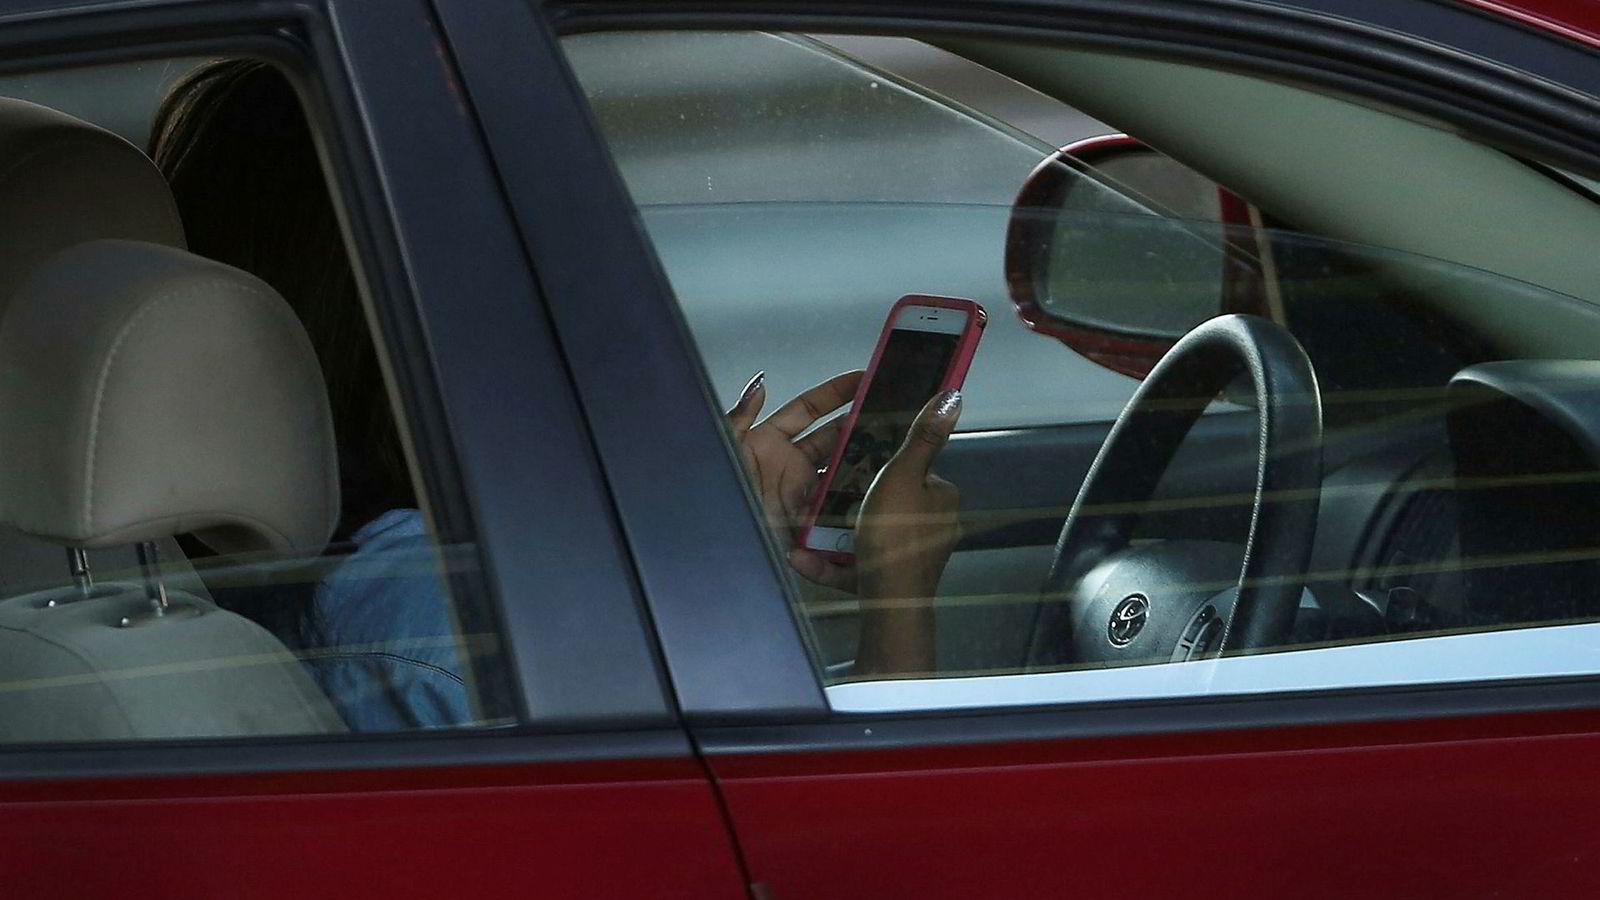 I høst har det vært utplassert nye trafikkameraer på to innfartsårer til storbyen Sydney. Målet har vært å se hvor alvorlig ulovlig bruk av mobiltelefoner er. Hver dag ble over 11.000 bilister tatt med mobilen i hånden mens de kjørte – nesten like mange som får forenklet forelegg i Norge hvert år.